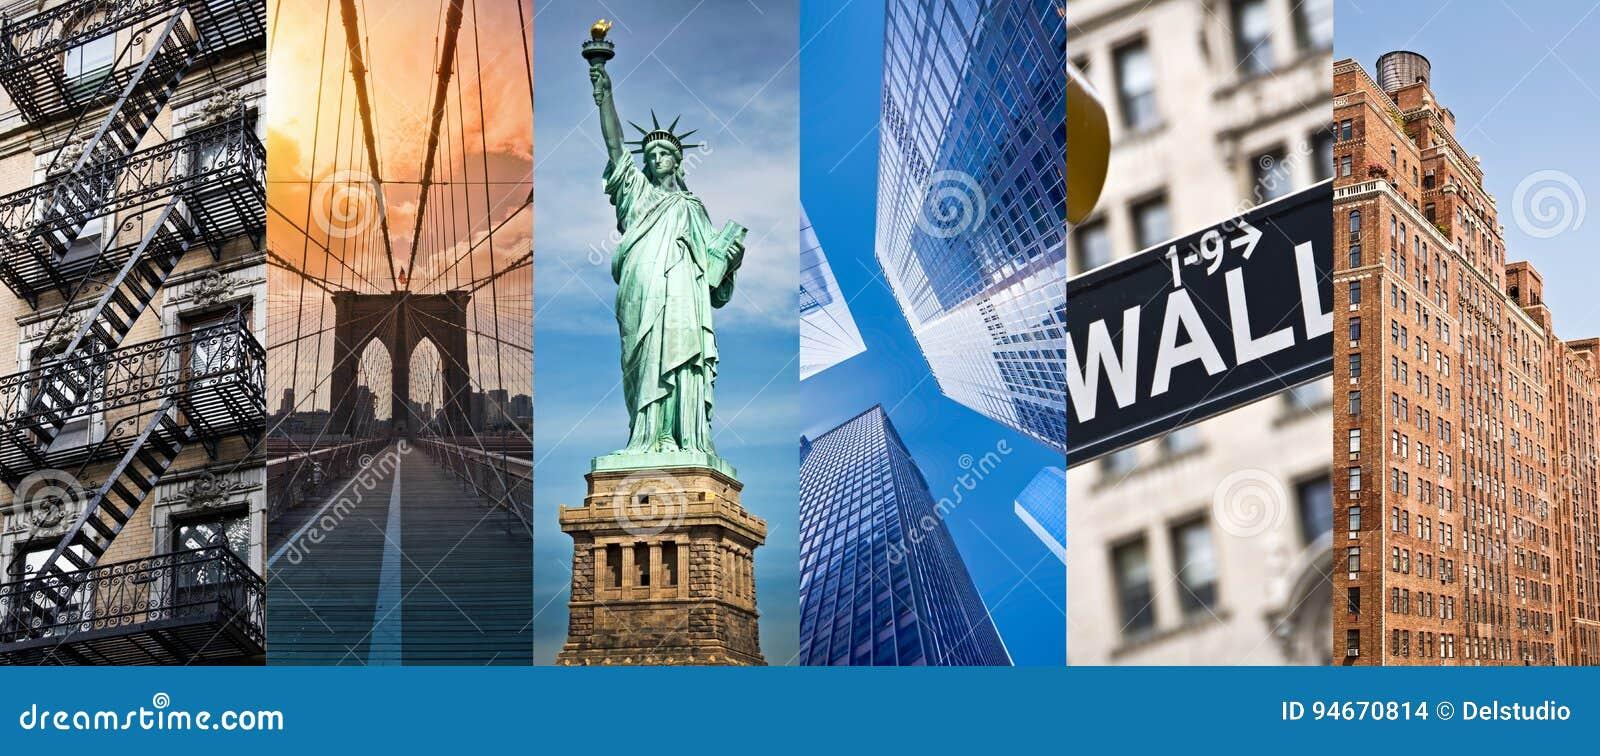 New York, collage panoramique de photo, points de repère de New York voyagent et concept de tourisme